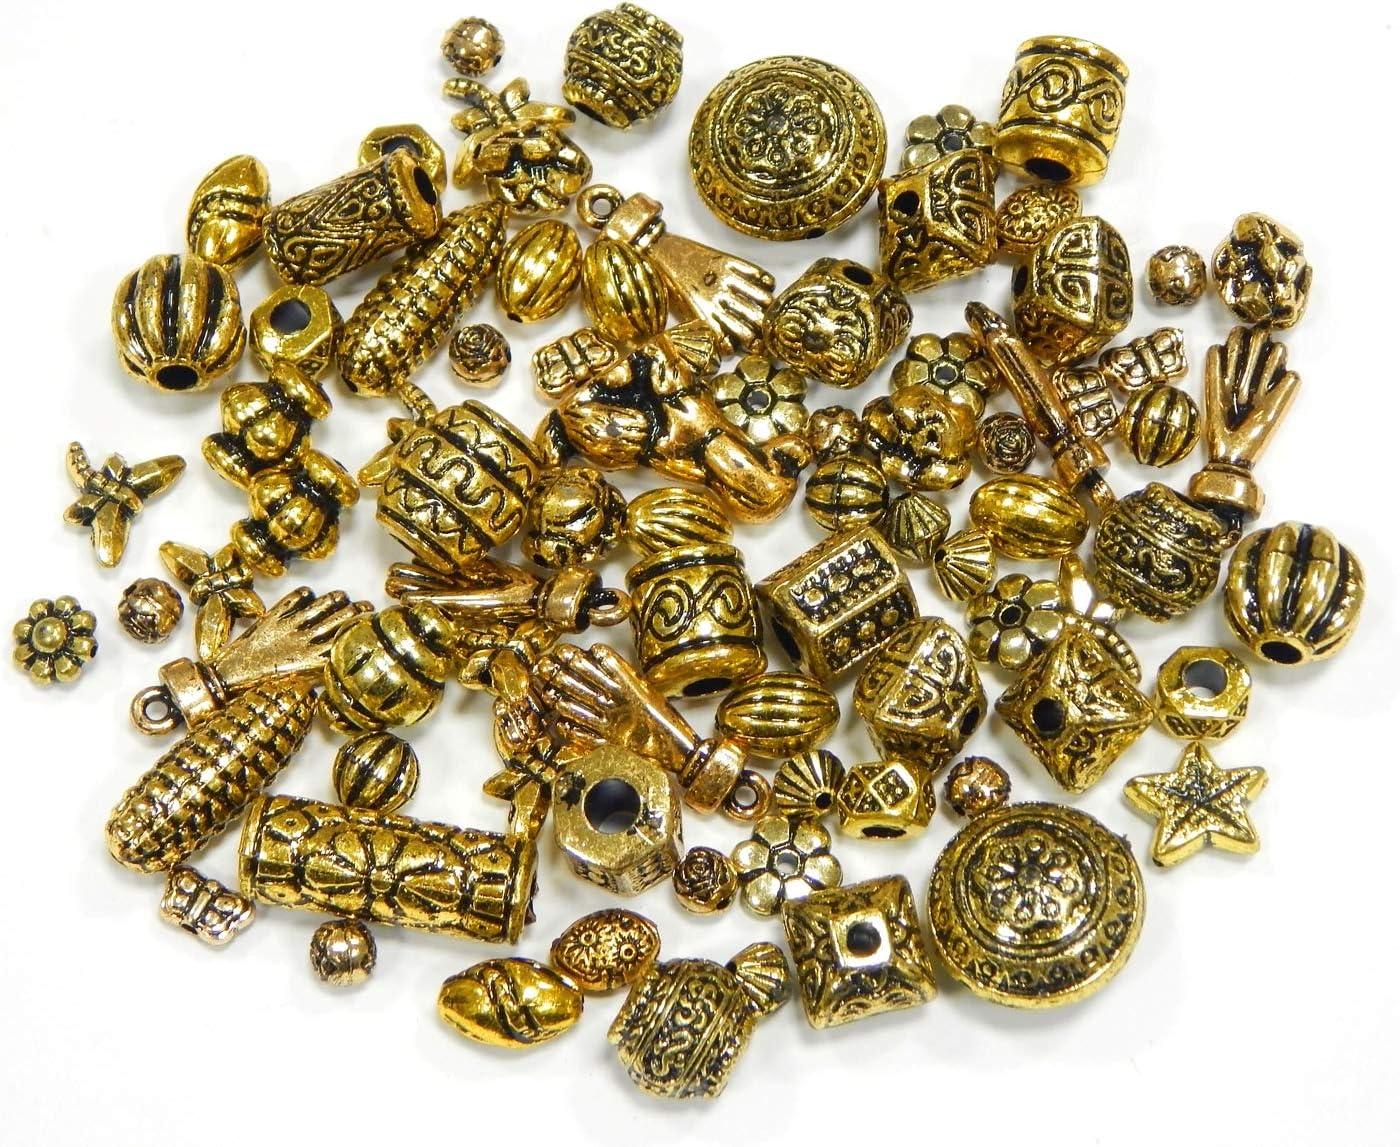 200 g de Perlas de plástico, Mezcla de Perlas de plástico Antiguo, Varios diseños, Color Dorado, Aspecto de Metal, Perla para Collares, Pulseras, Collares, Juego de Manualidades D119 x 4